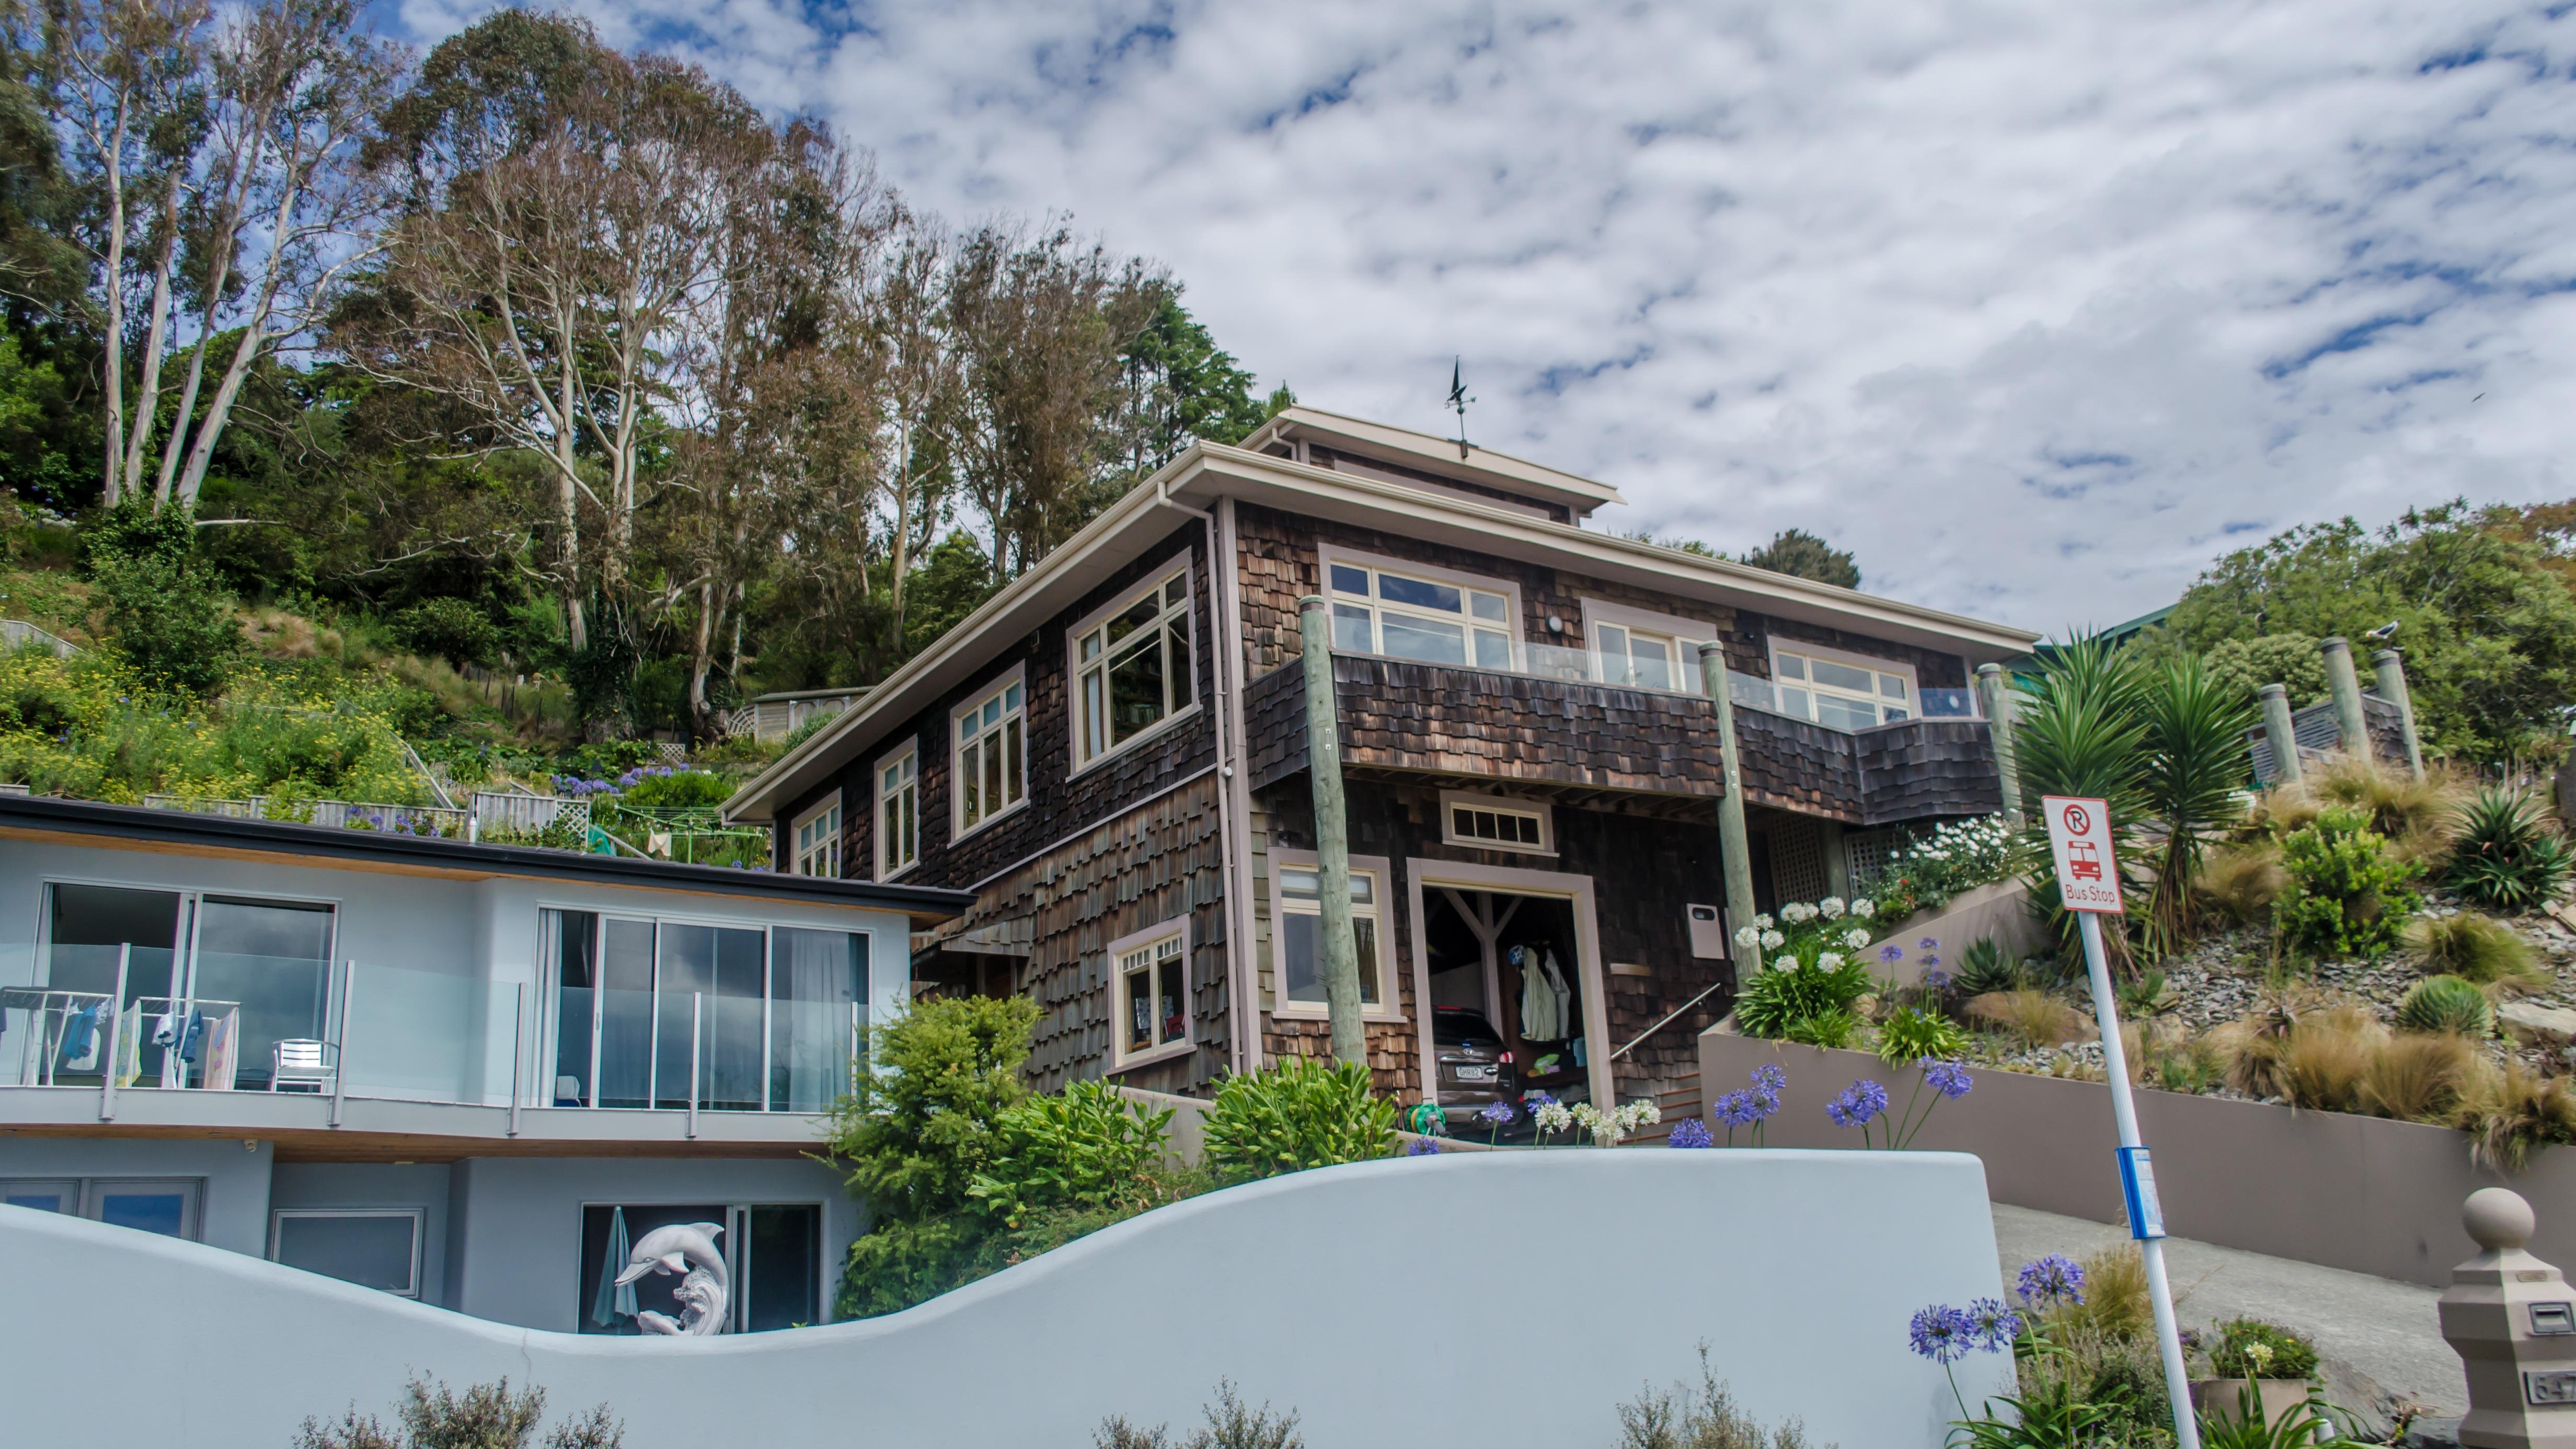 Immobilien In Neuseeland kostenlose foto : die architektur, villa, fenster, gebäude, alt